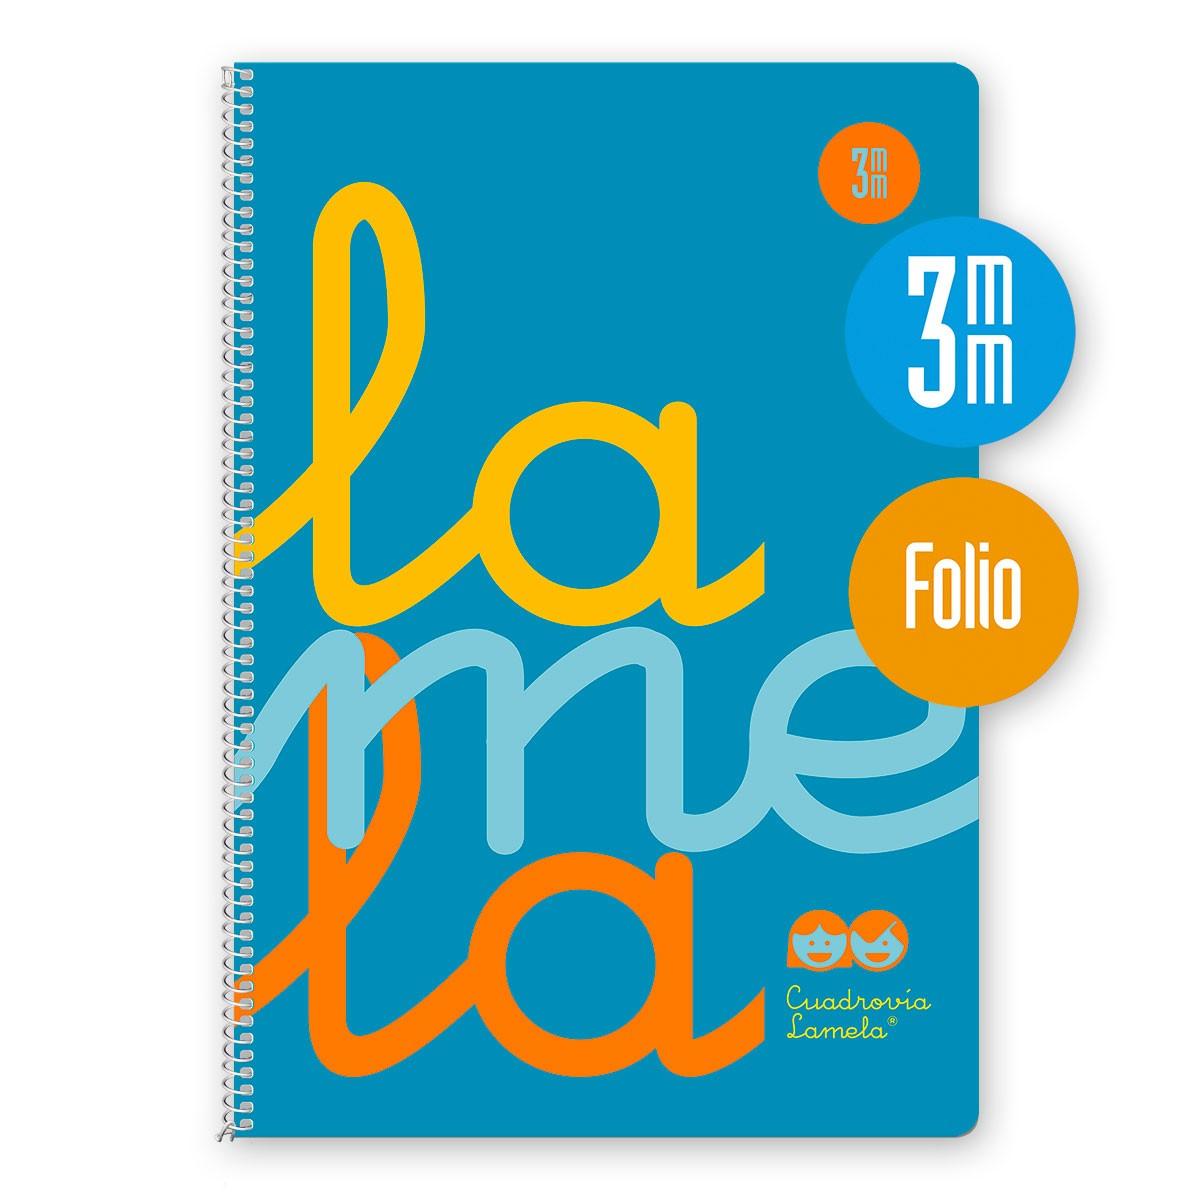 Cuaderno Espiral Folio 80 Hojas, 90 Grs. Cubierta Polipropileno Fluor. AZUL. Cuadrovía 3mm.